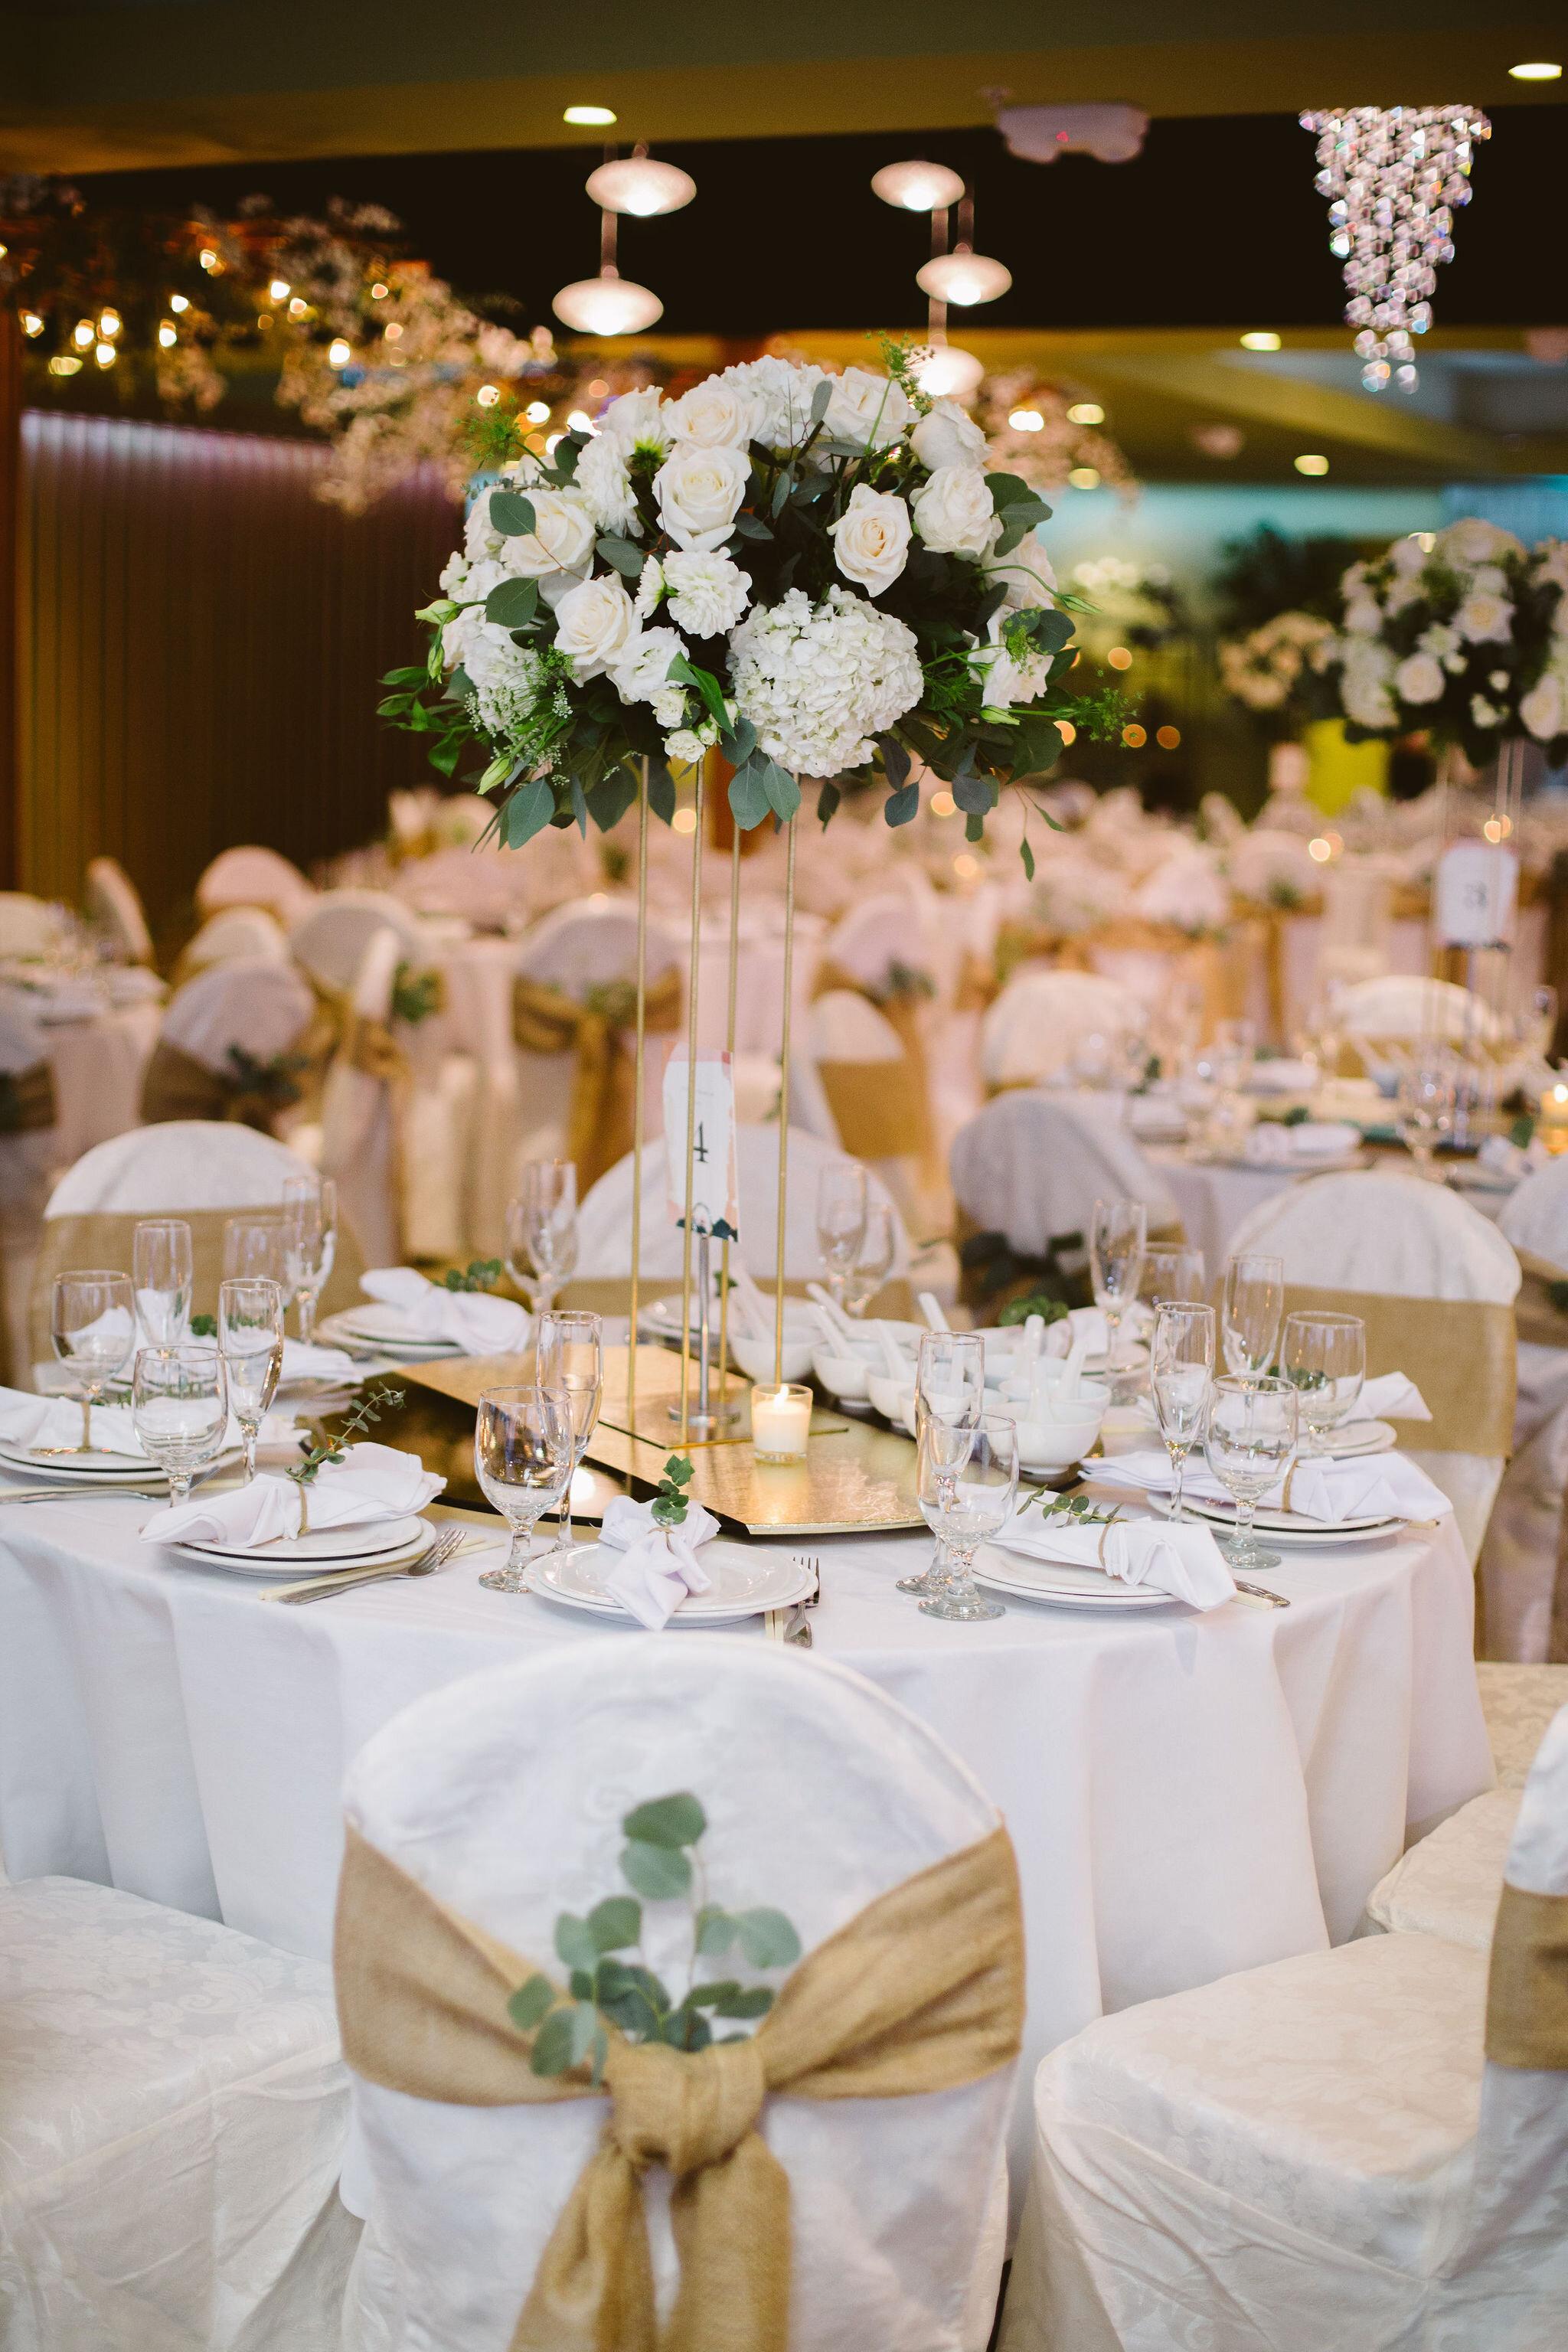 grand-garden-restaurant-dinner-table-setting.jpg